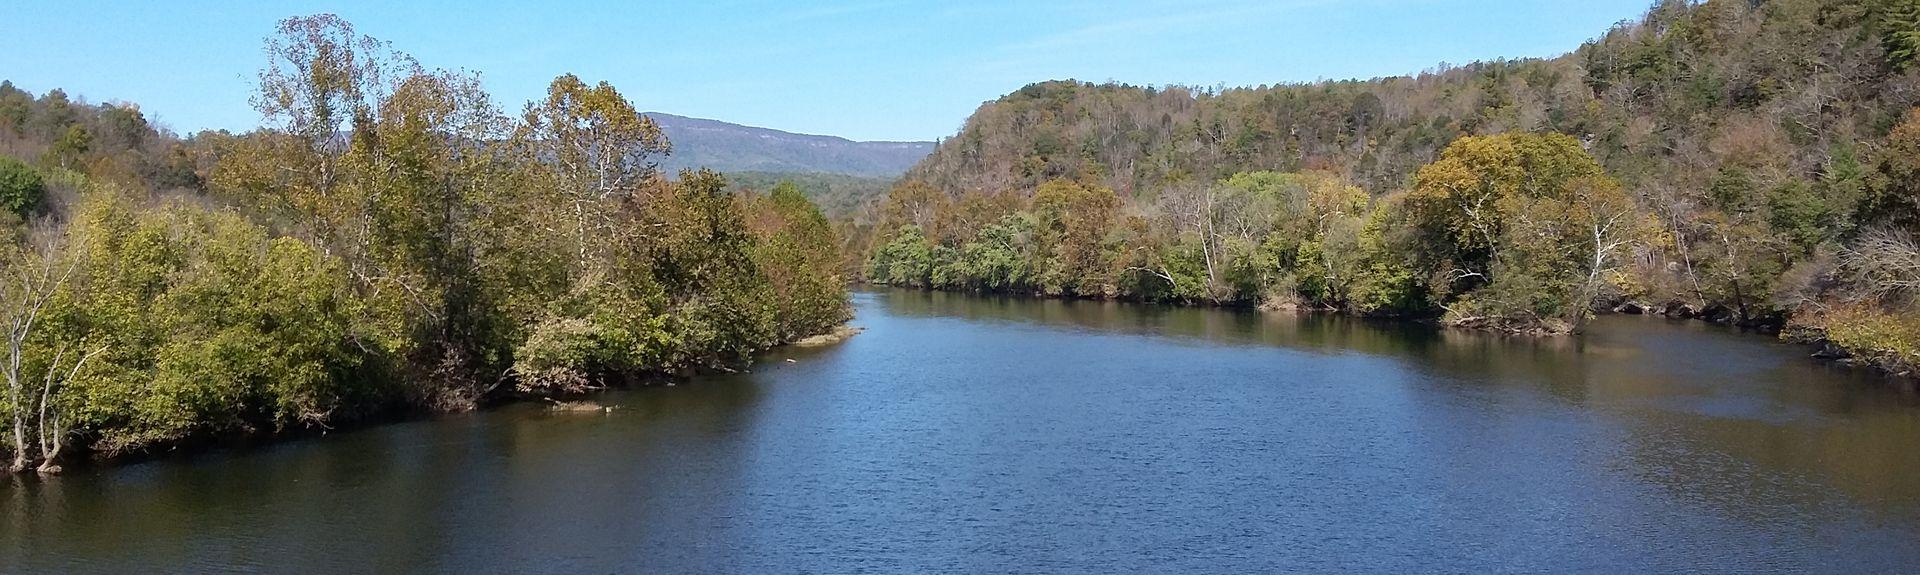 Forest, Virginie, États-Unis d'Amérique